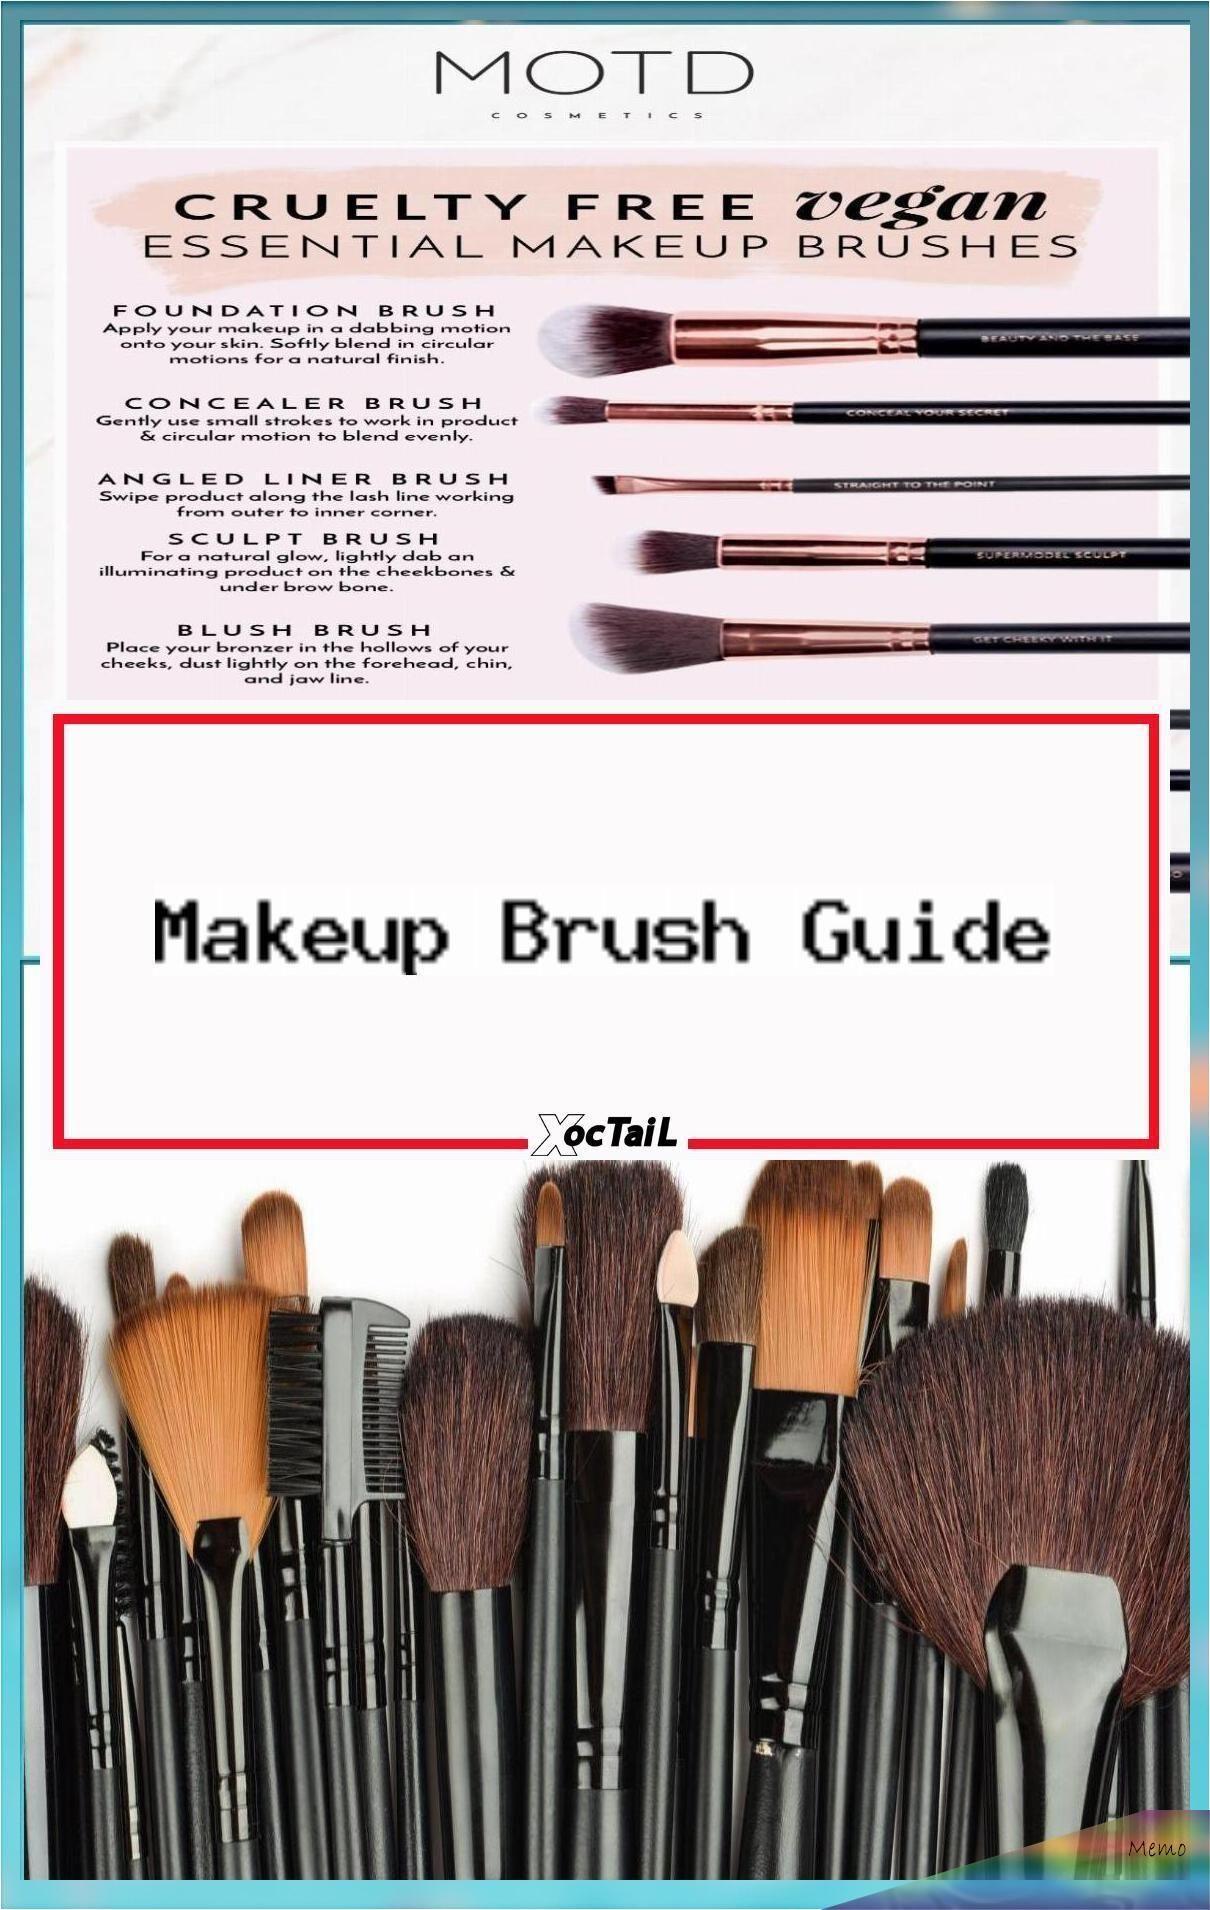 Jan 24, 2020 Makeup Brush Guide for Beginners Essential